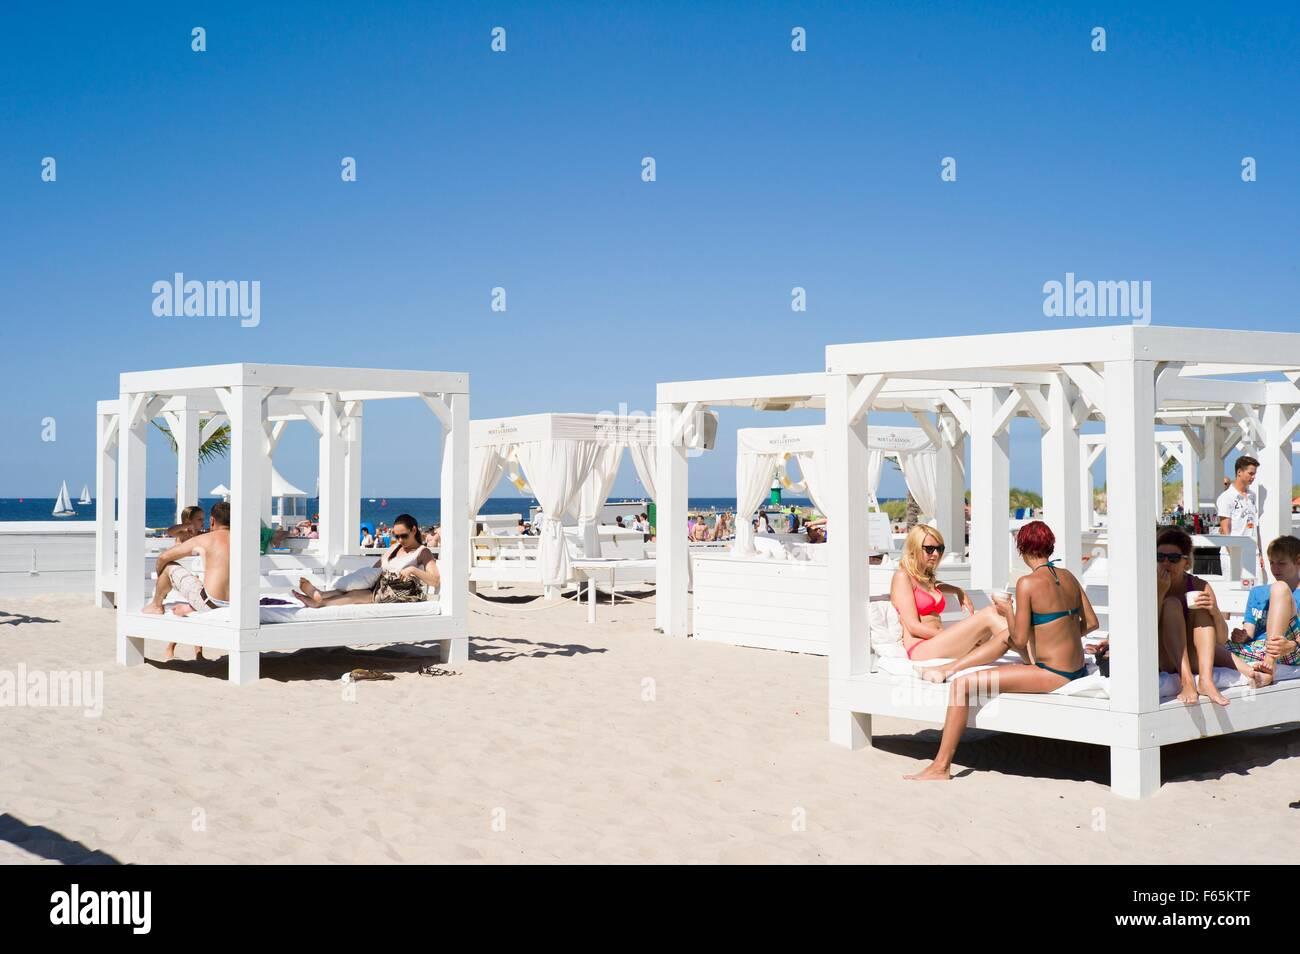 Strandbar warnemünde